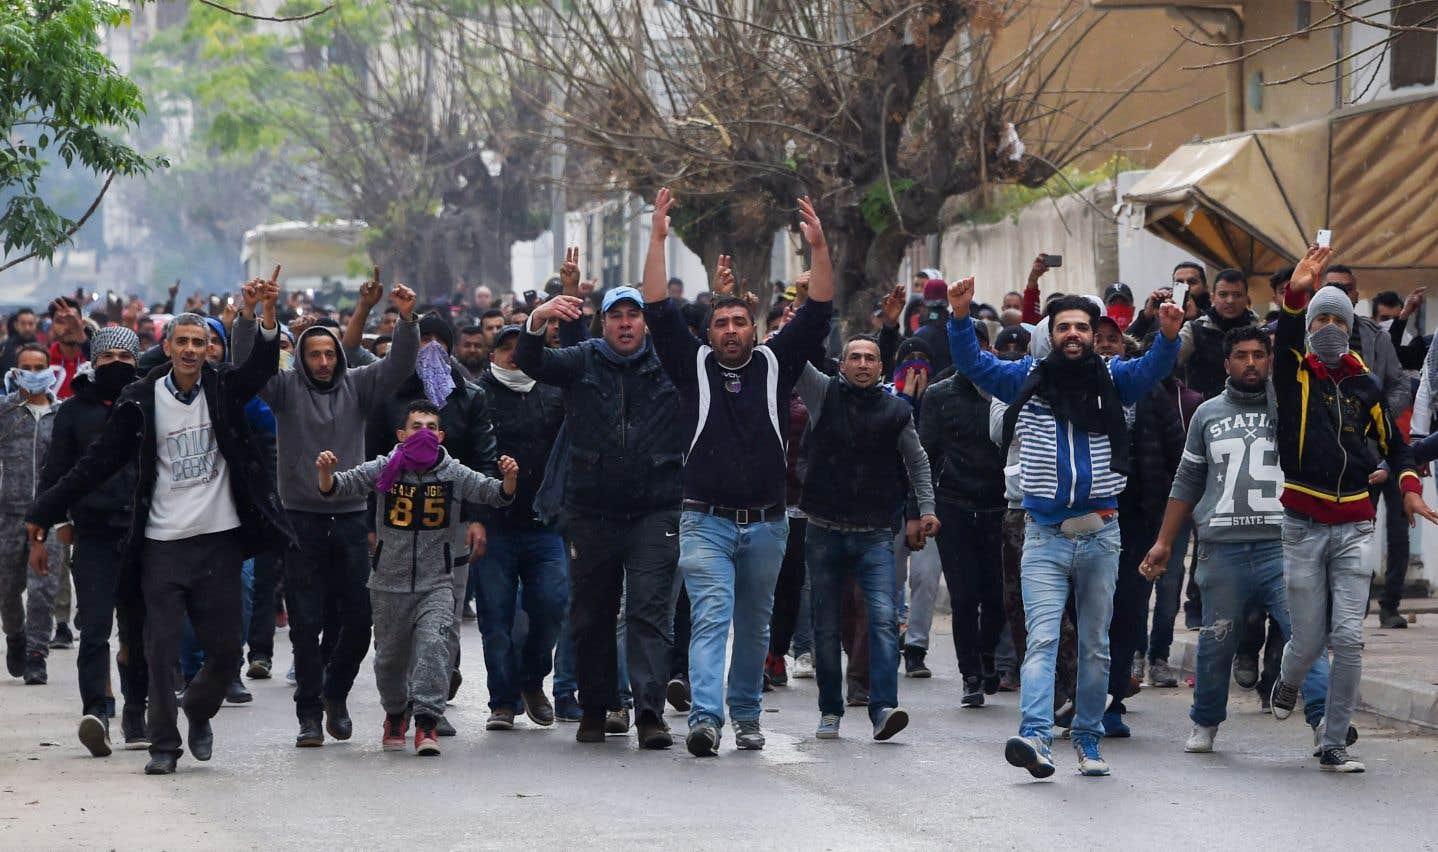 La grogne sociale monte en Tunisie au lendemain de la mort d'un homme